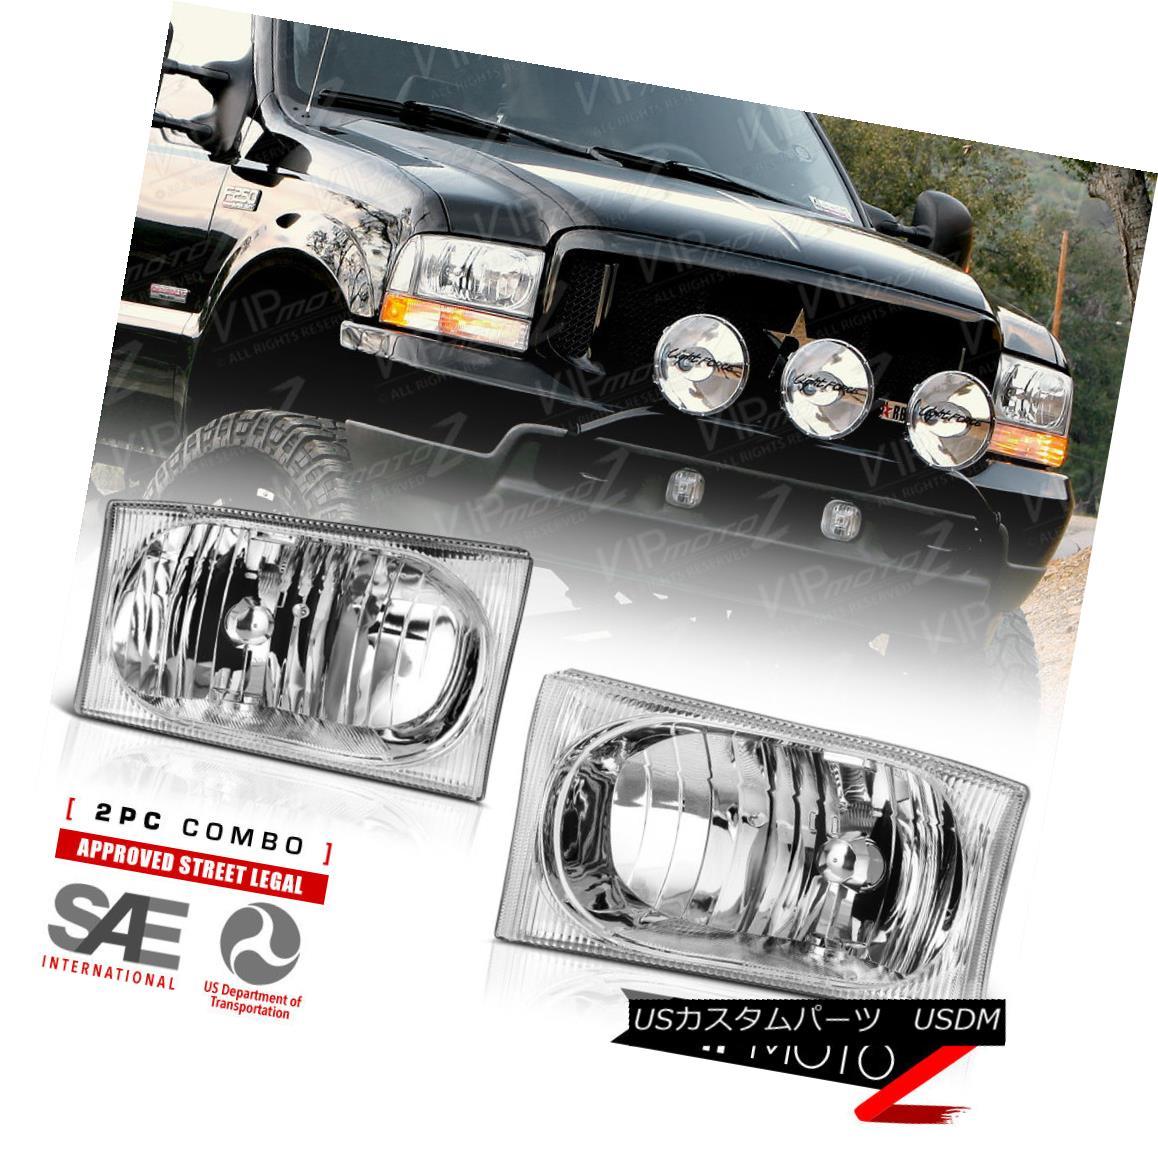 ヘッドライト 1999-2004 Ford F250 F350 F450 SuperDuty SD Chrome Headlights Lamps LEFT RIGHT 1999-2004 Ford F250 F350 F450 SuperDuty SDクロームヘッドライトランプLEFT RIGHT